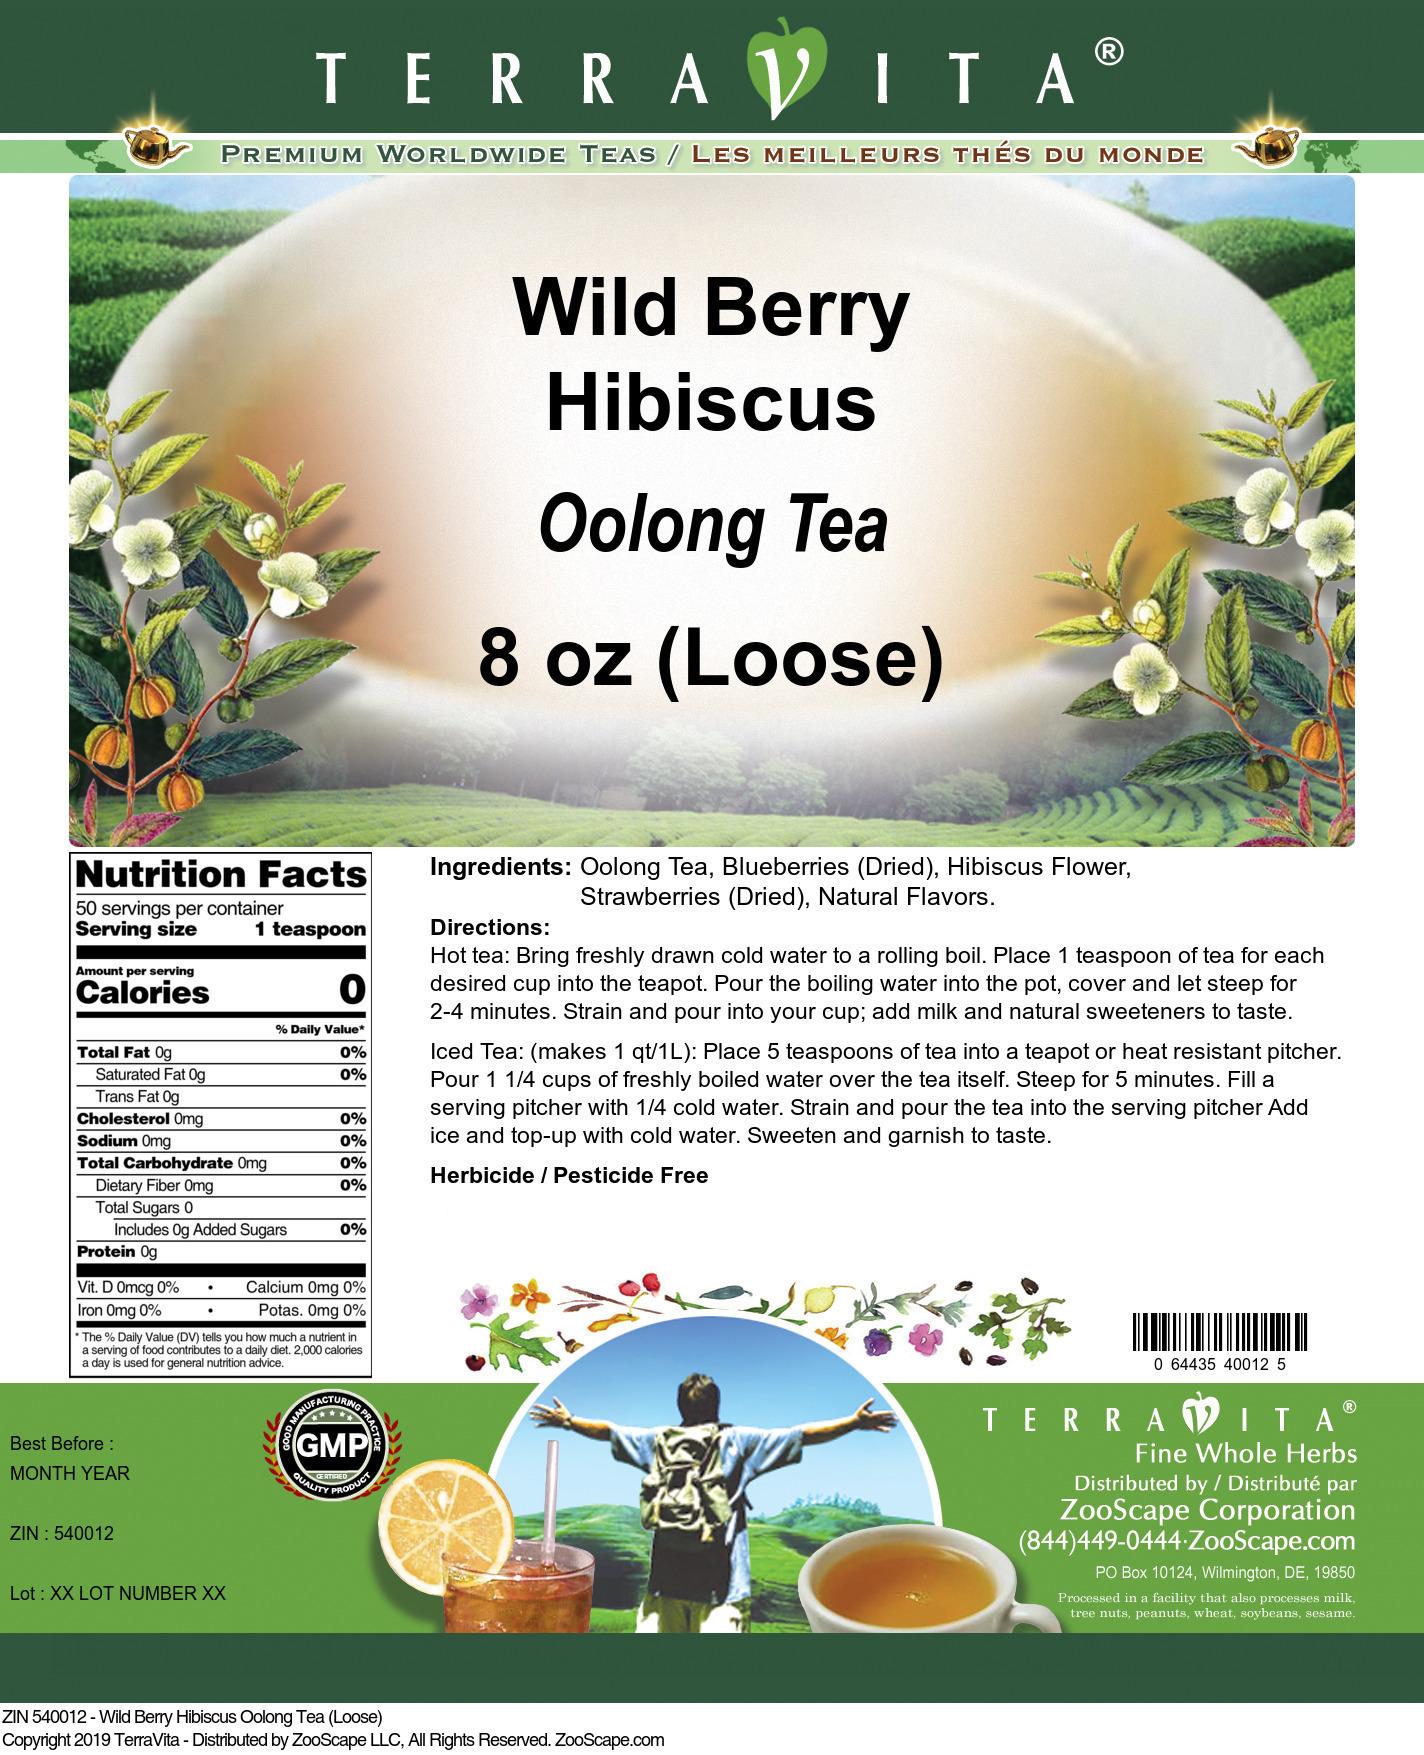 Wild Berry Hibiscus Oolong Tea